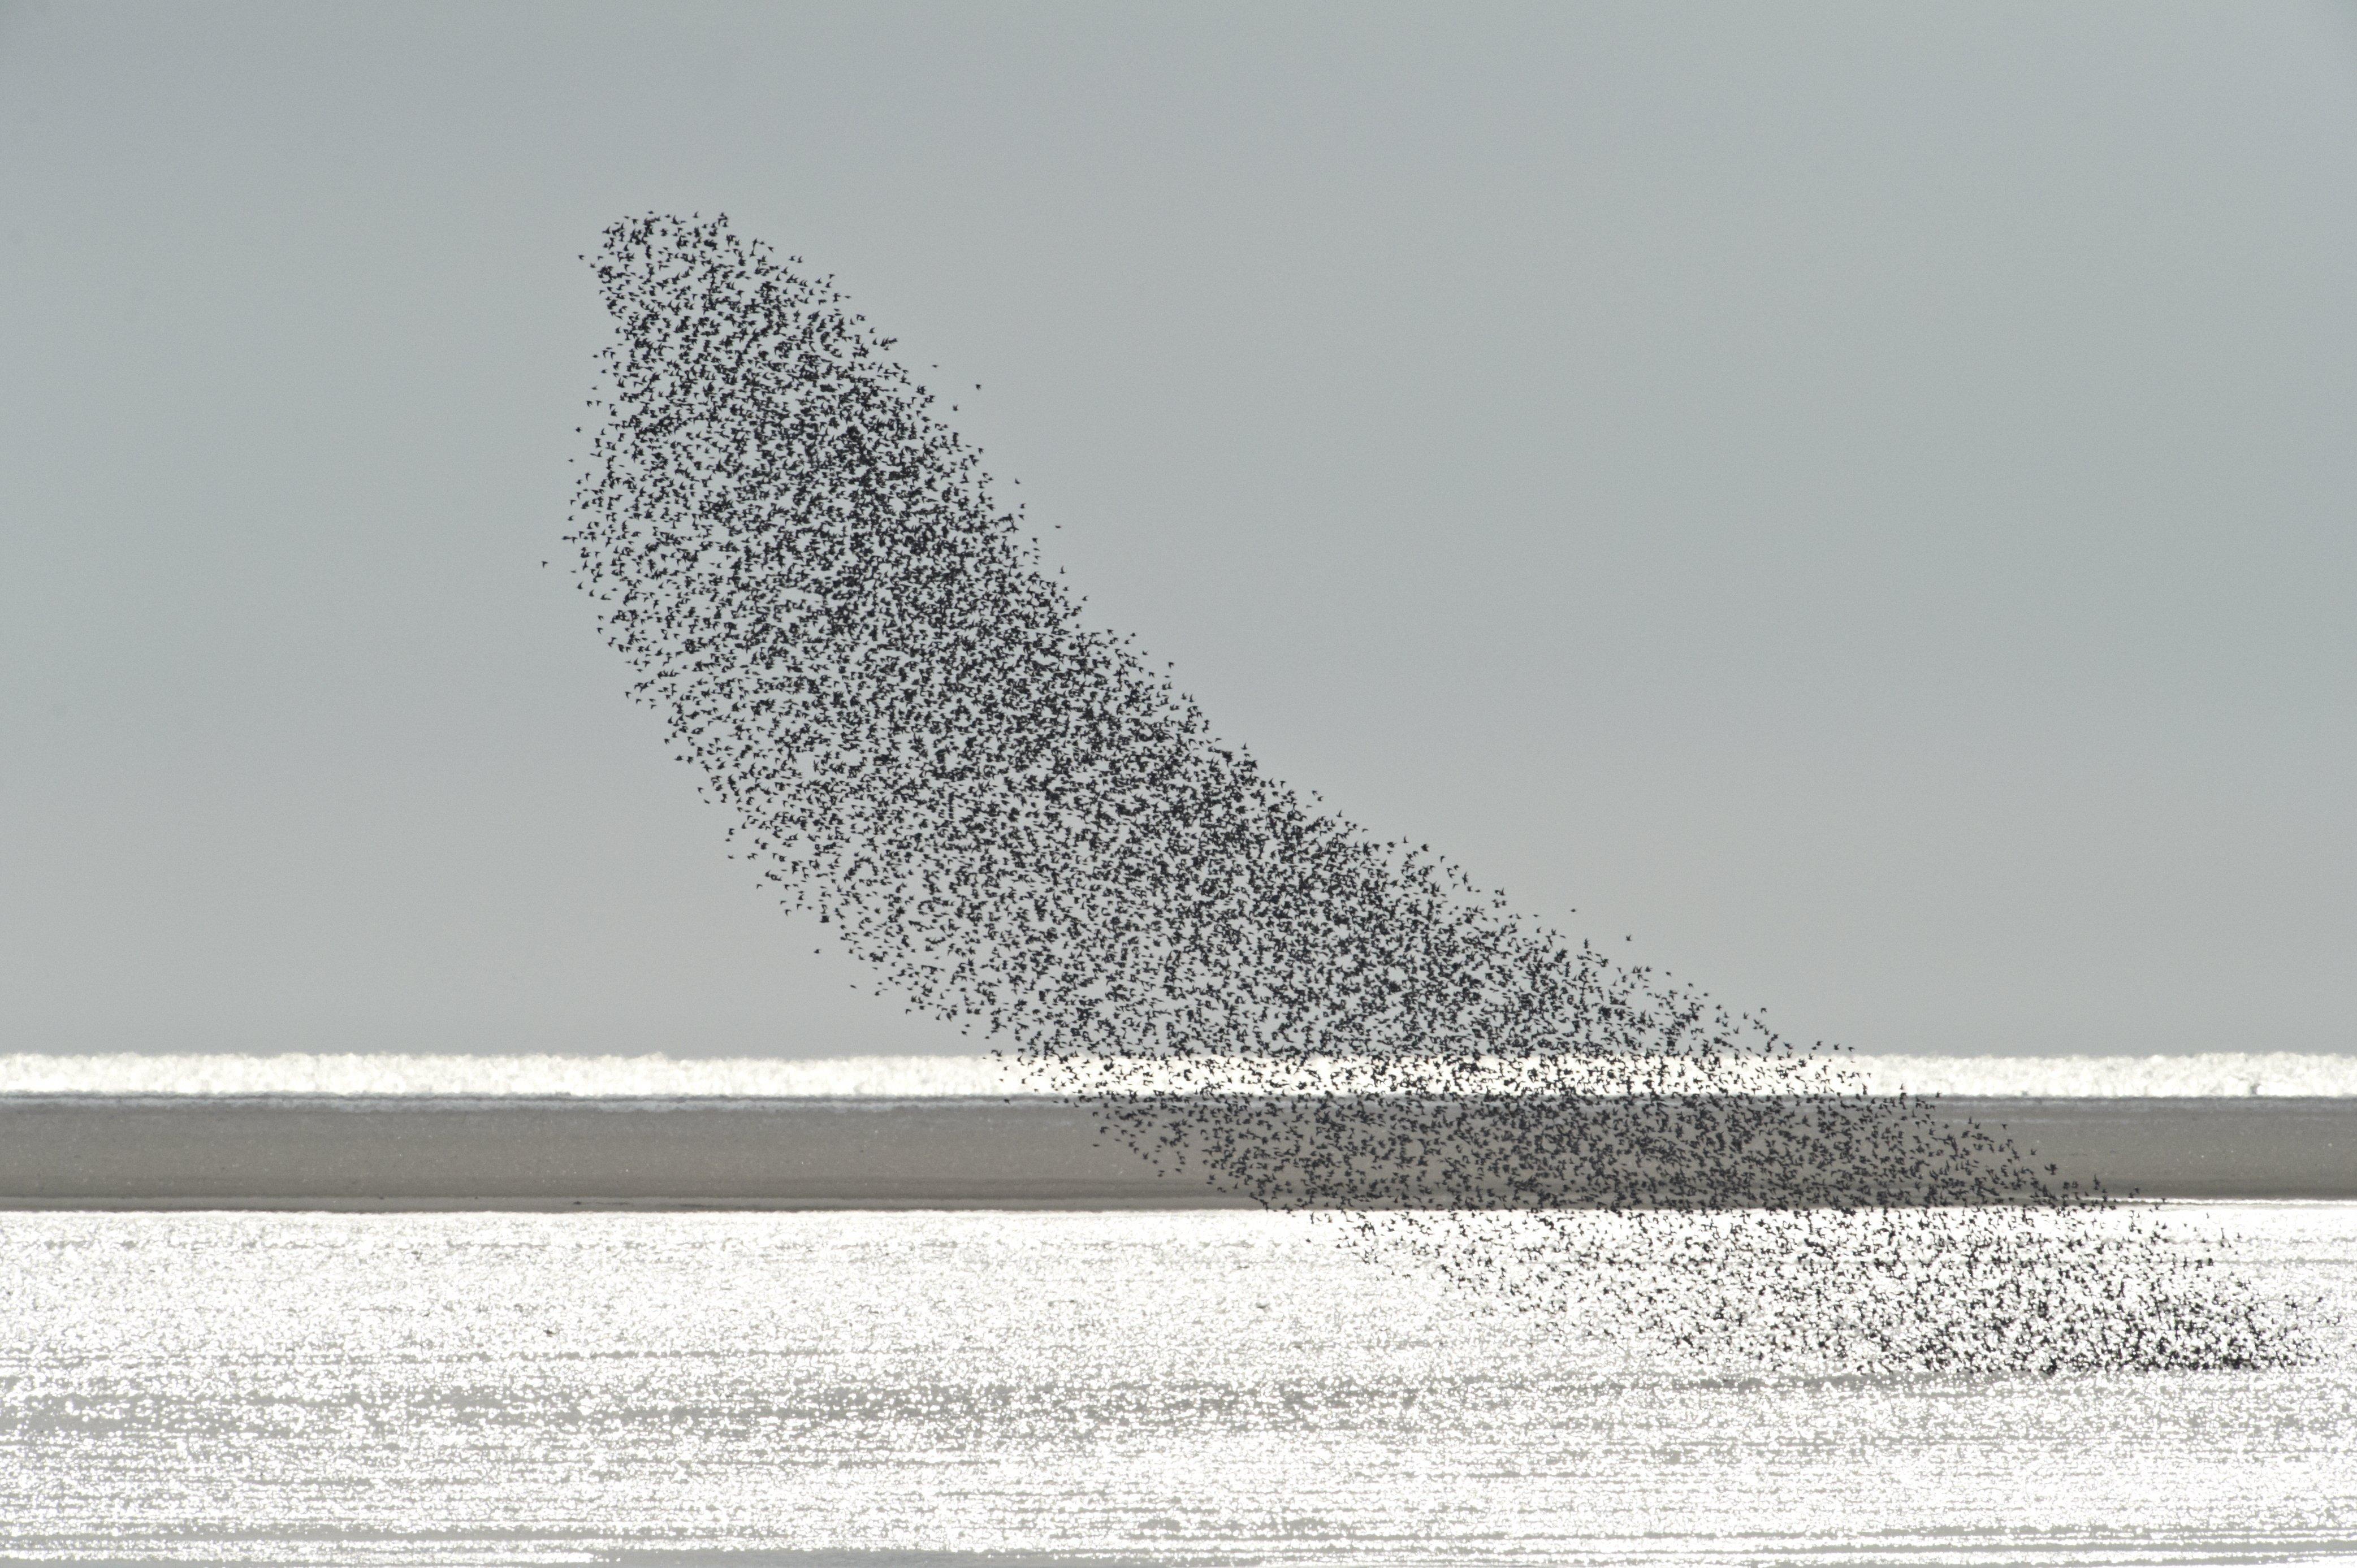 Almindelig_ryle_Vadehavet_Copyright_Lars_Gejl Nationalpark Vadehavet